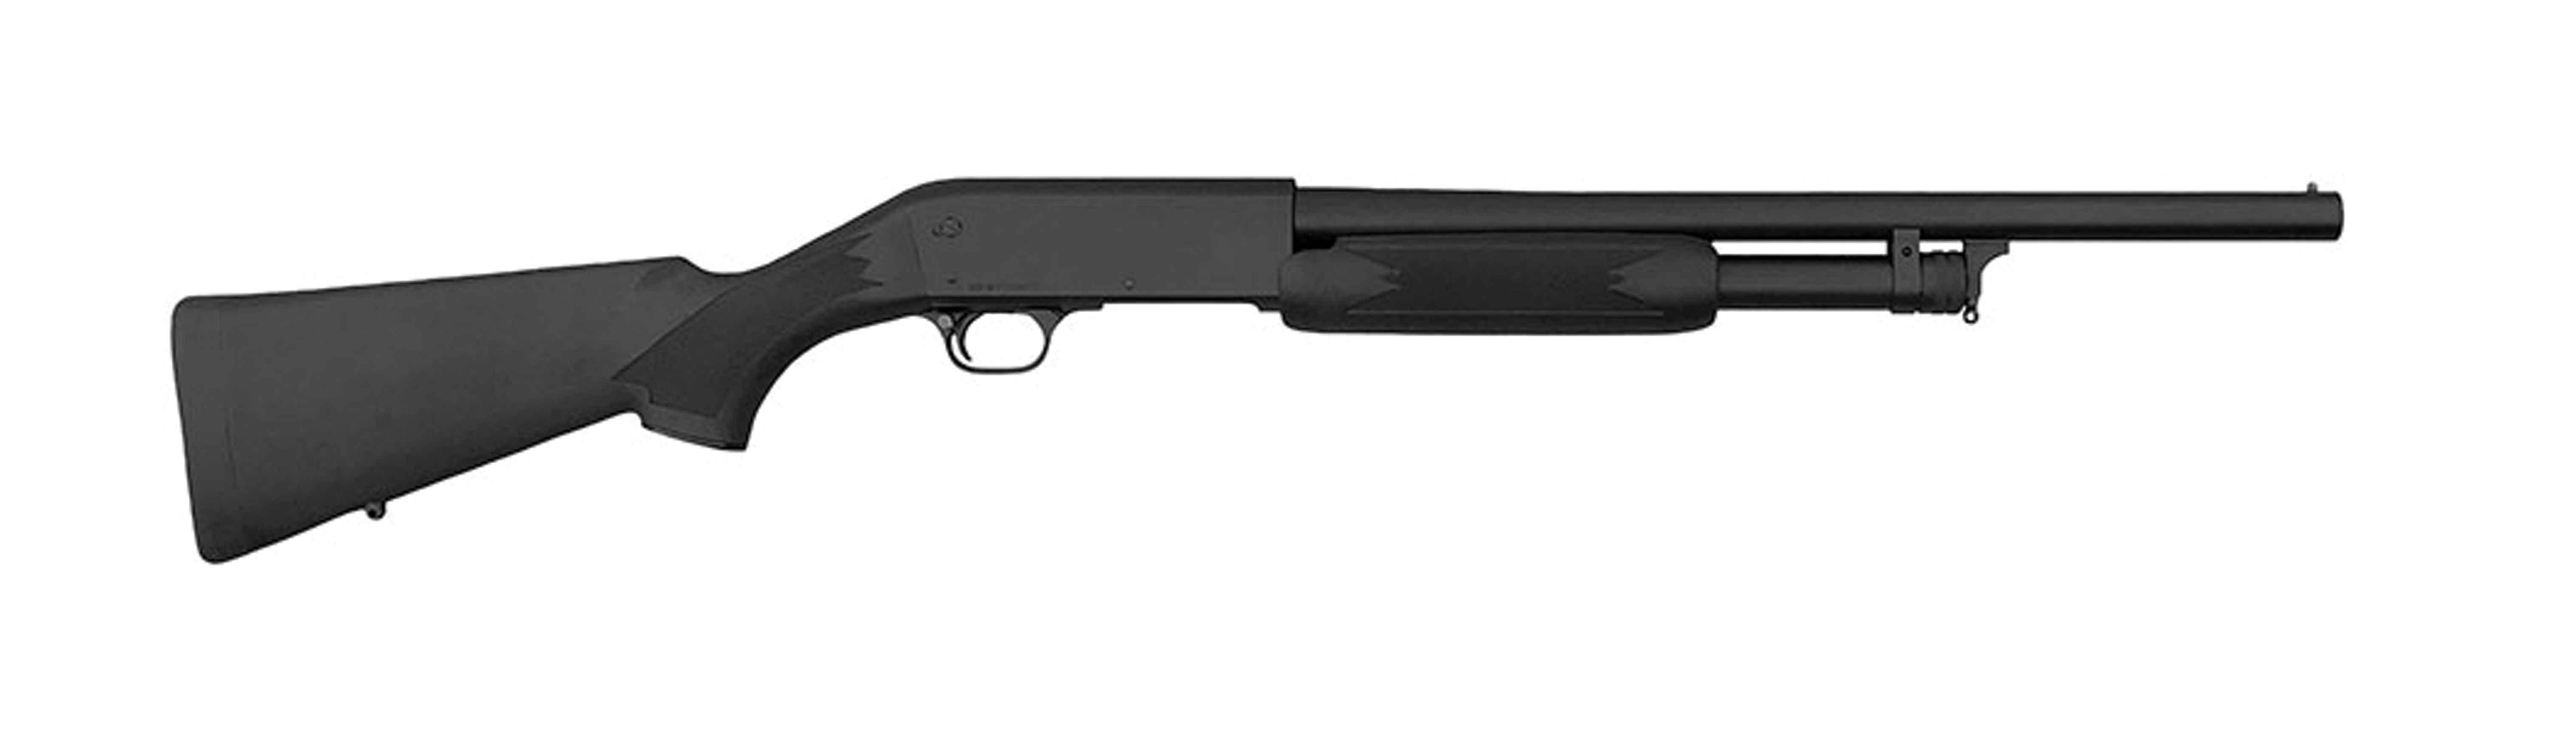 Ithaca Model 37 Defense